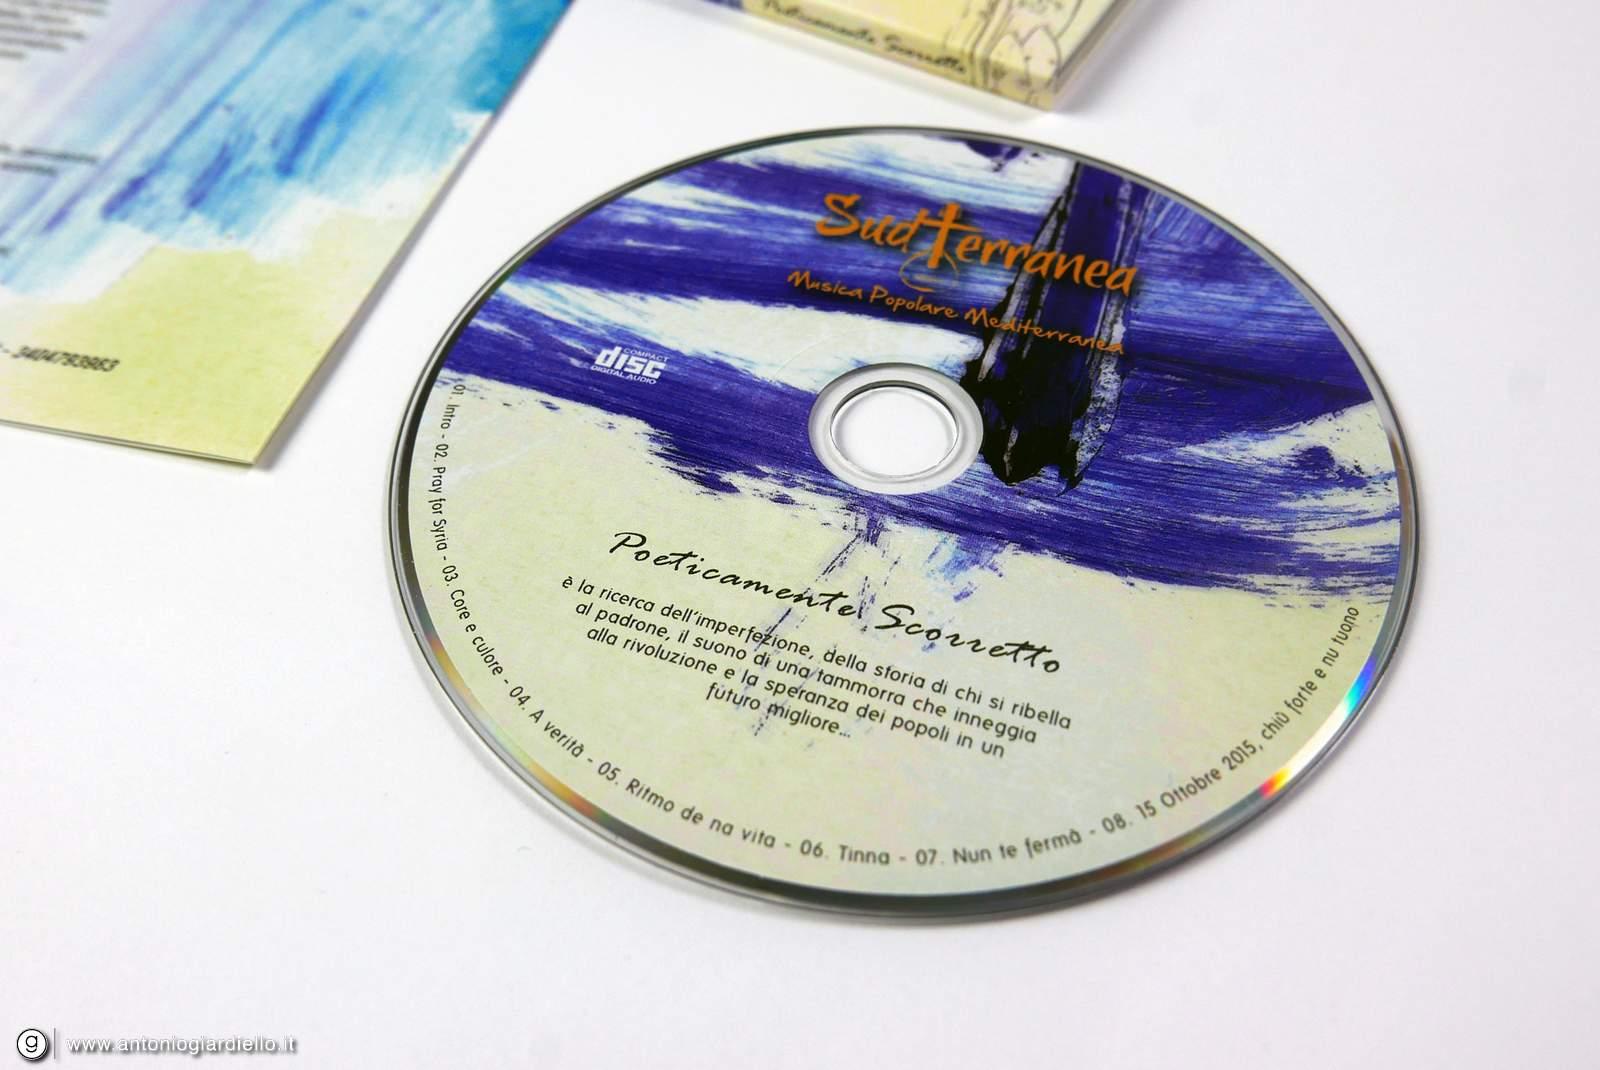 progettazione grafica album musicale poeticamente scorretto dei sudterranea19.jpg